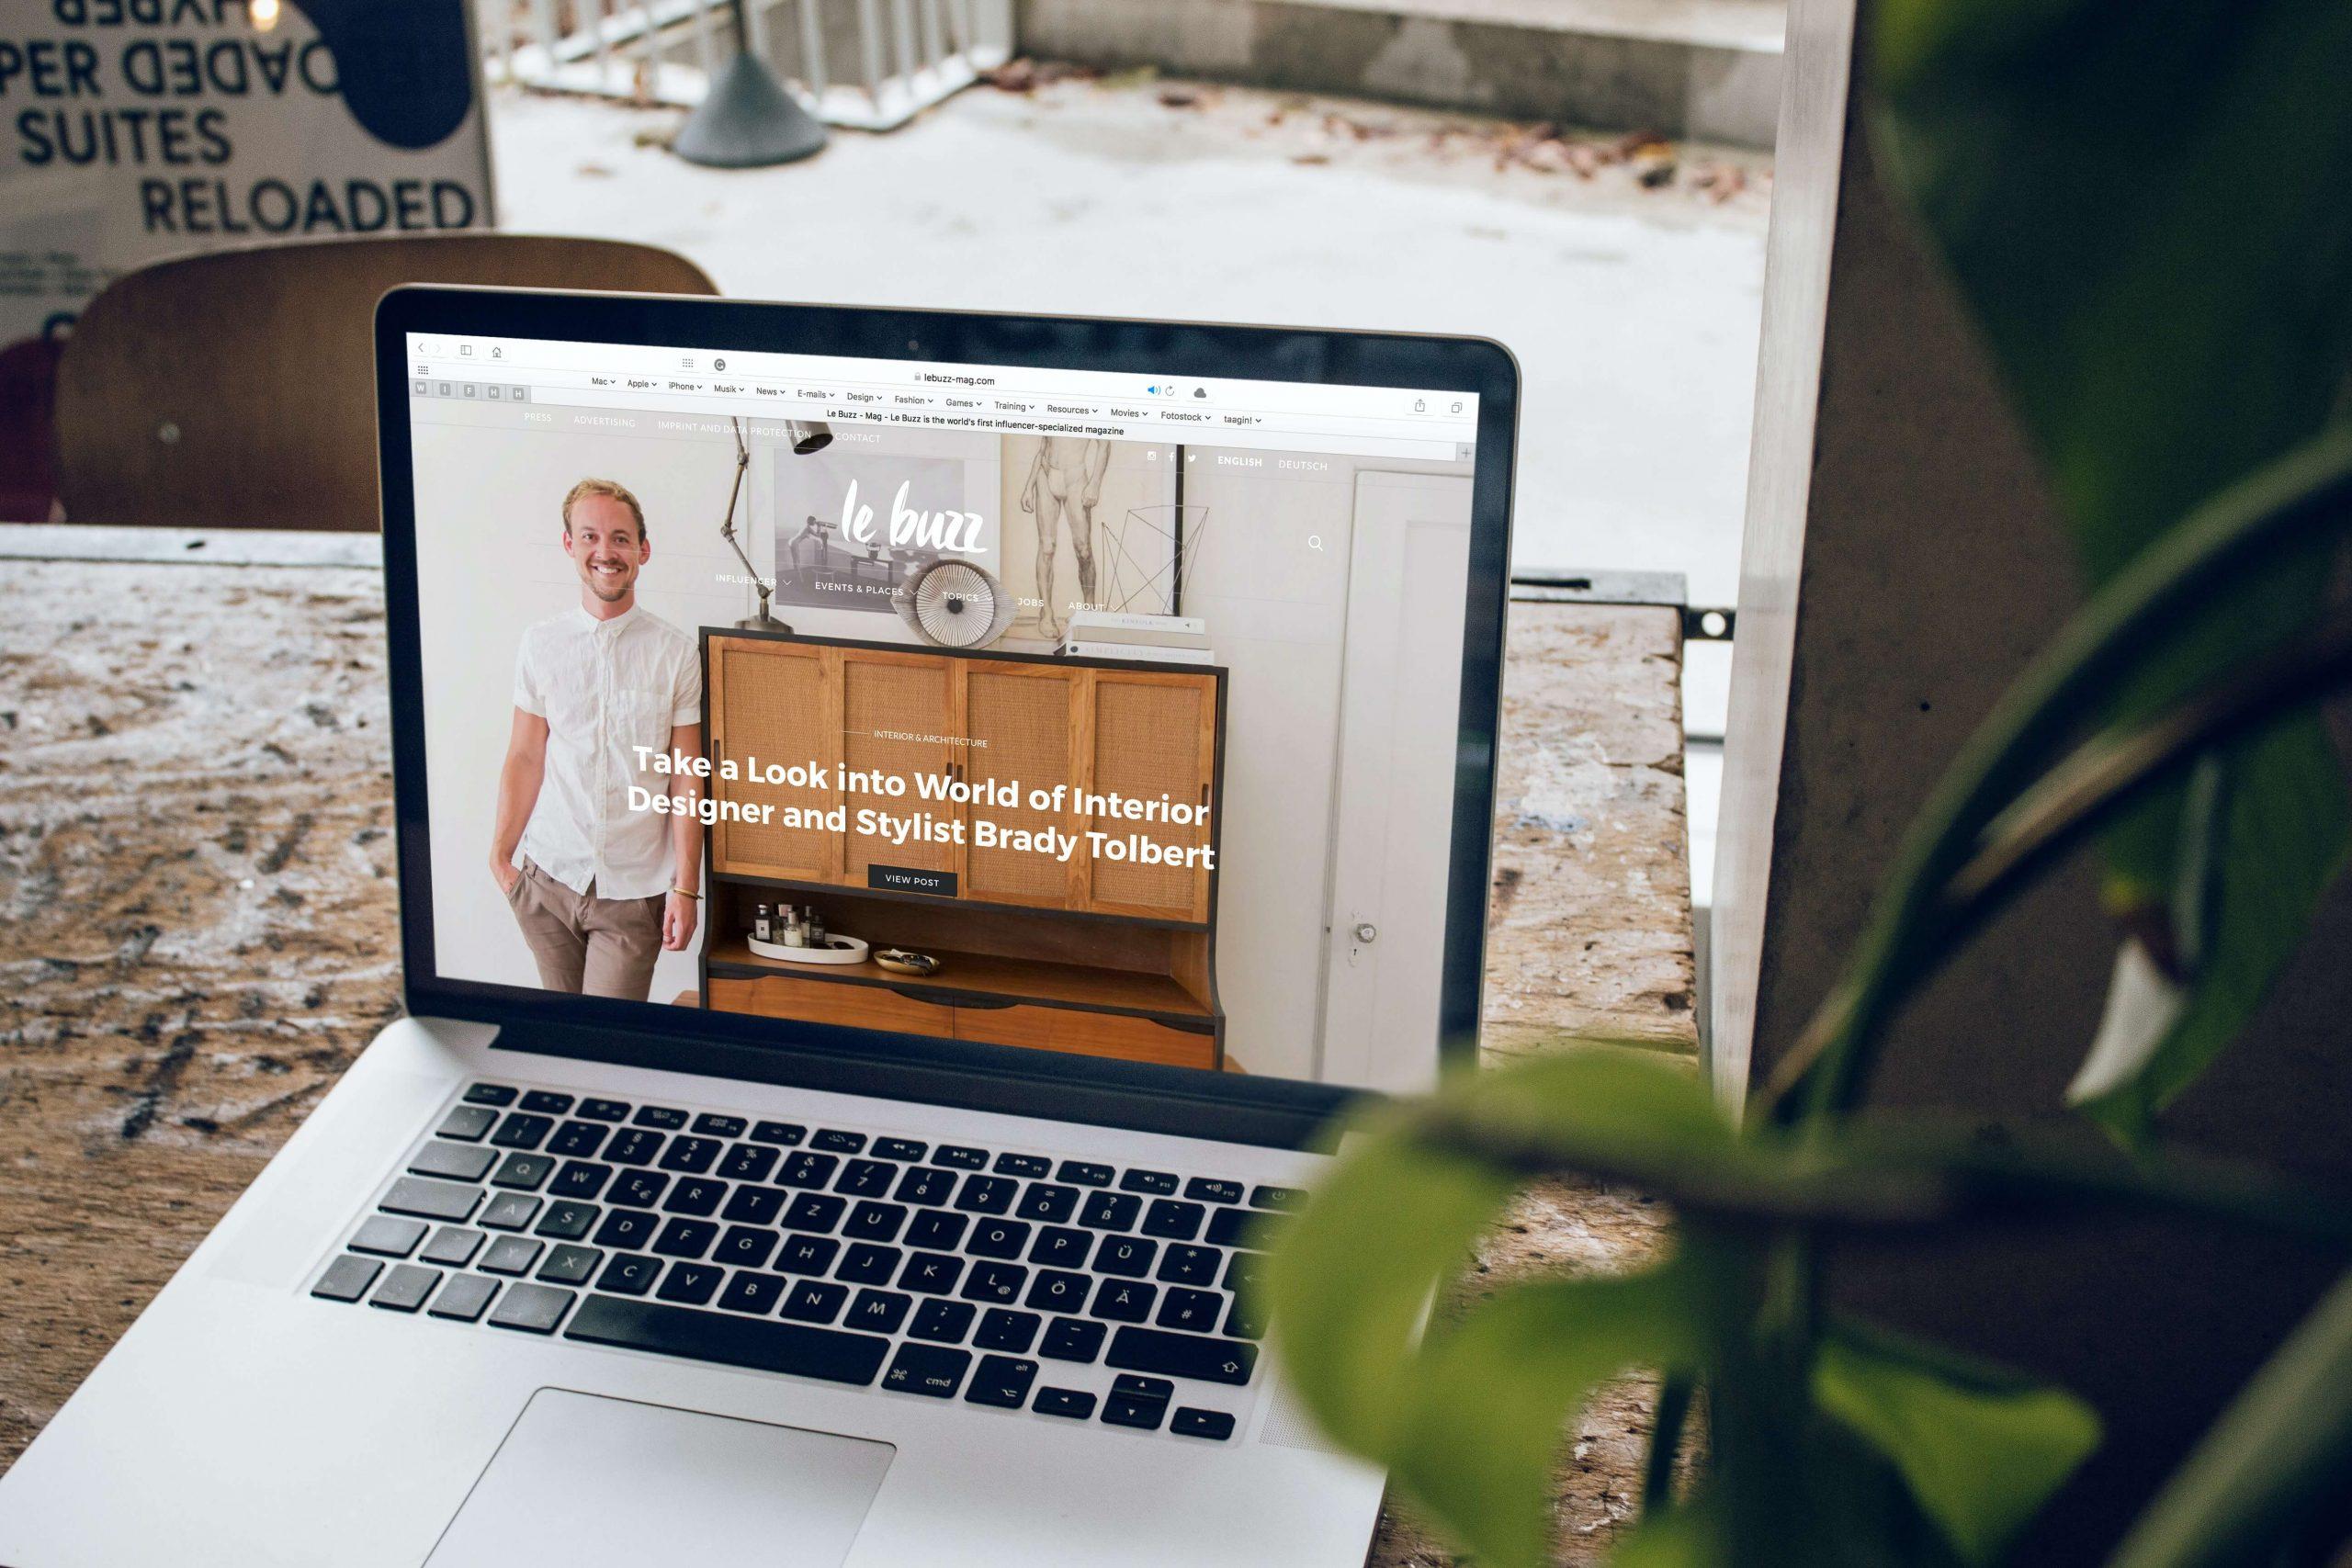 5 סיבות לבנות אתר גם אם יש לכם סושיאל